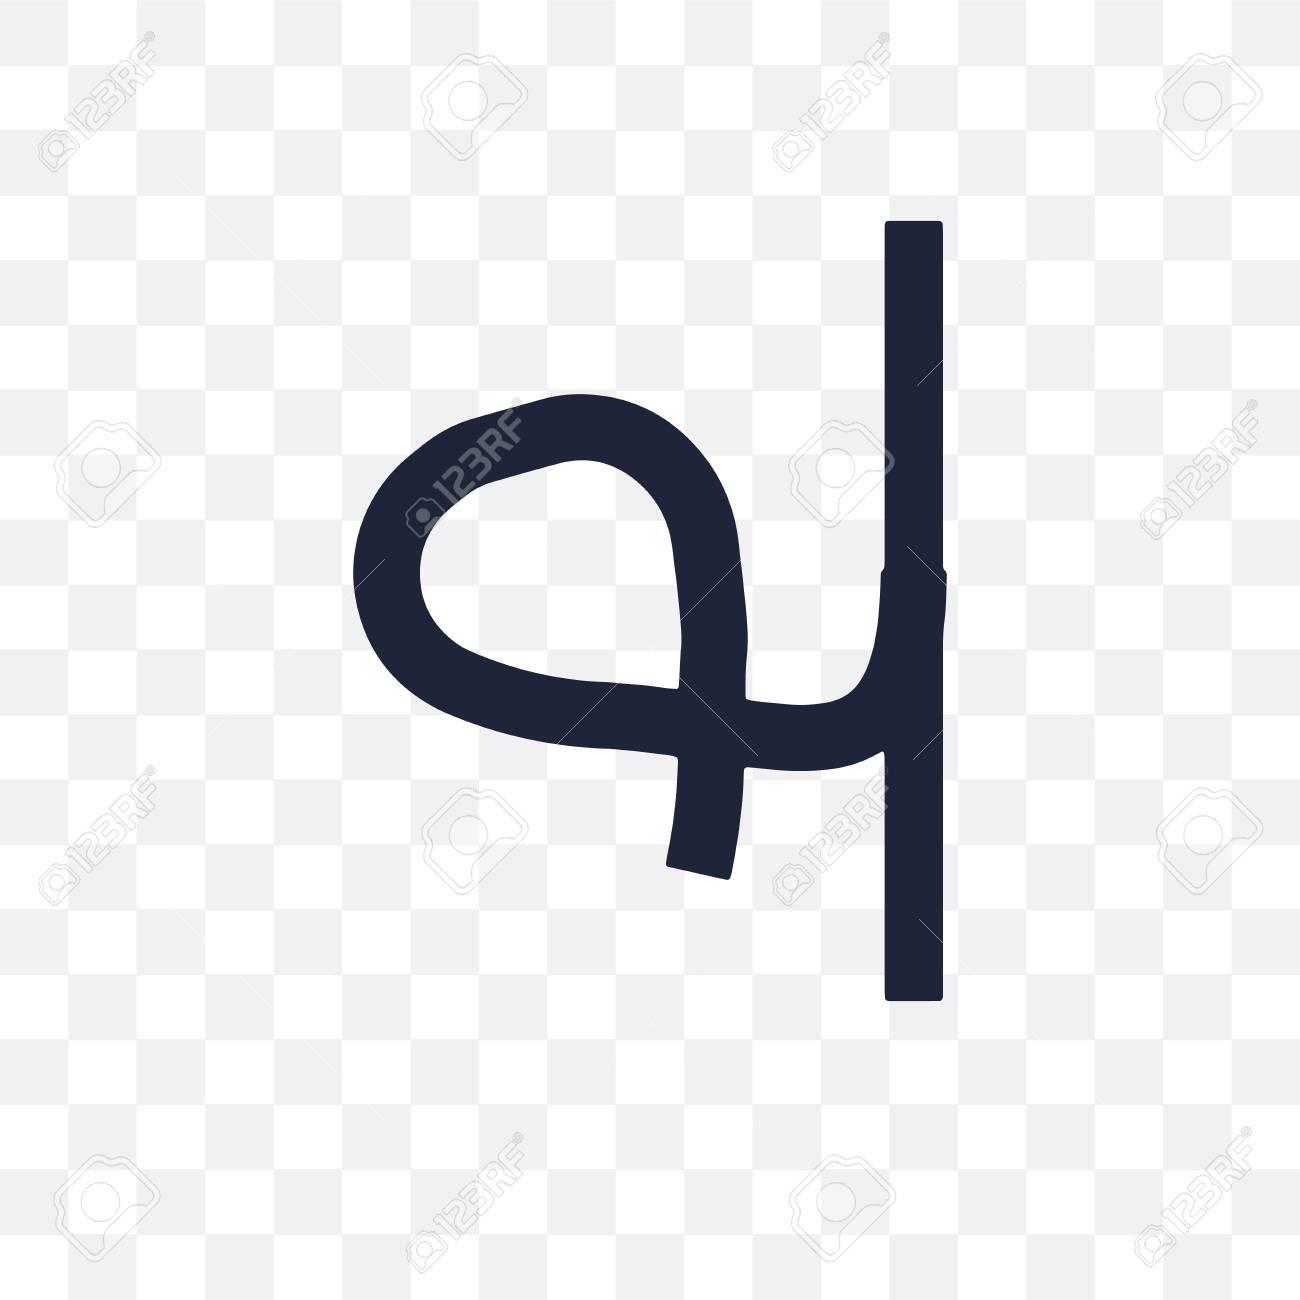 tamil language transparent icon  tamil language symbol design